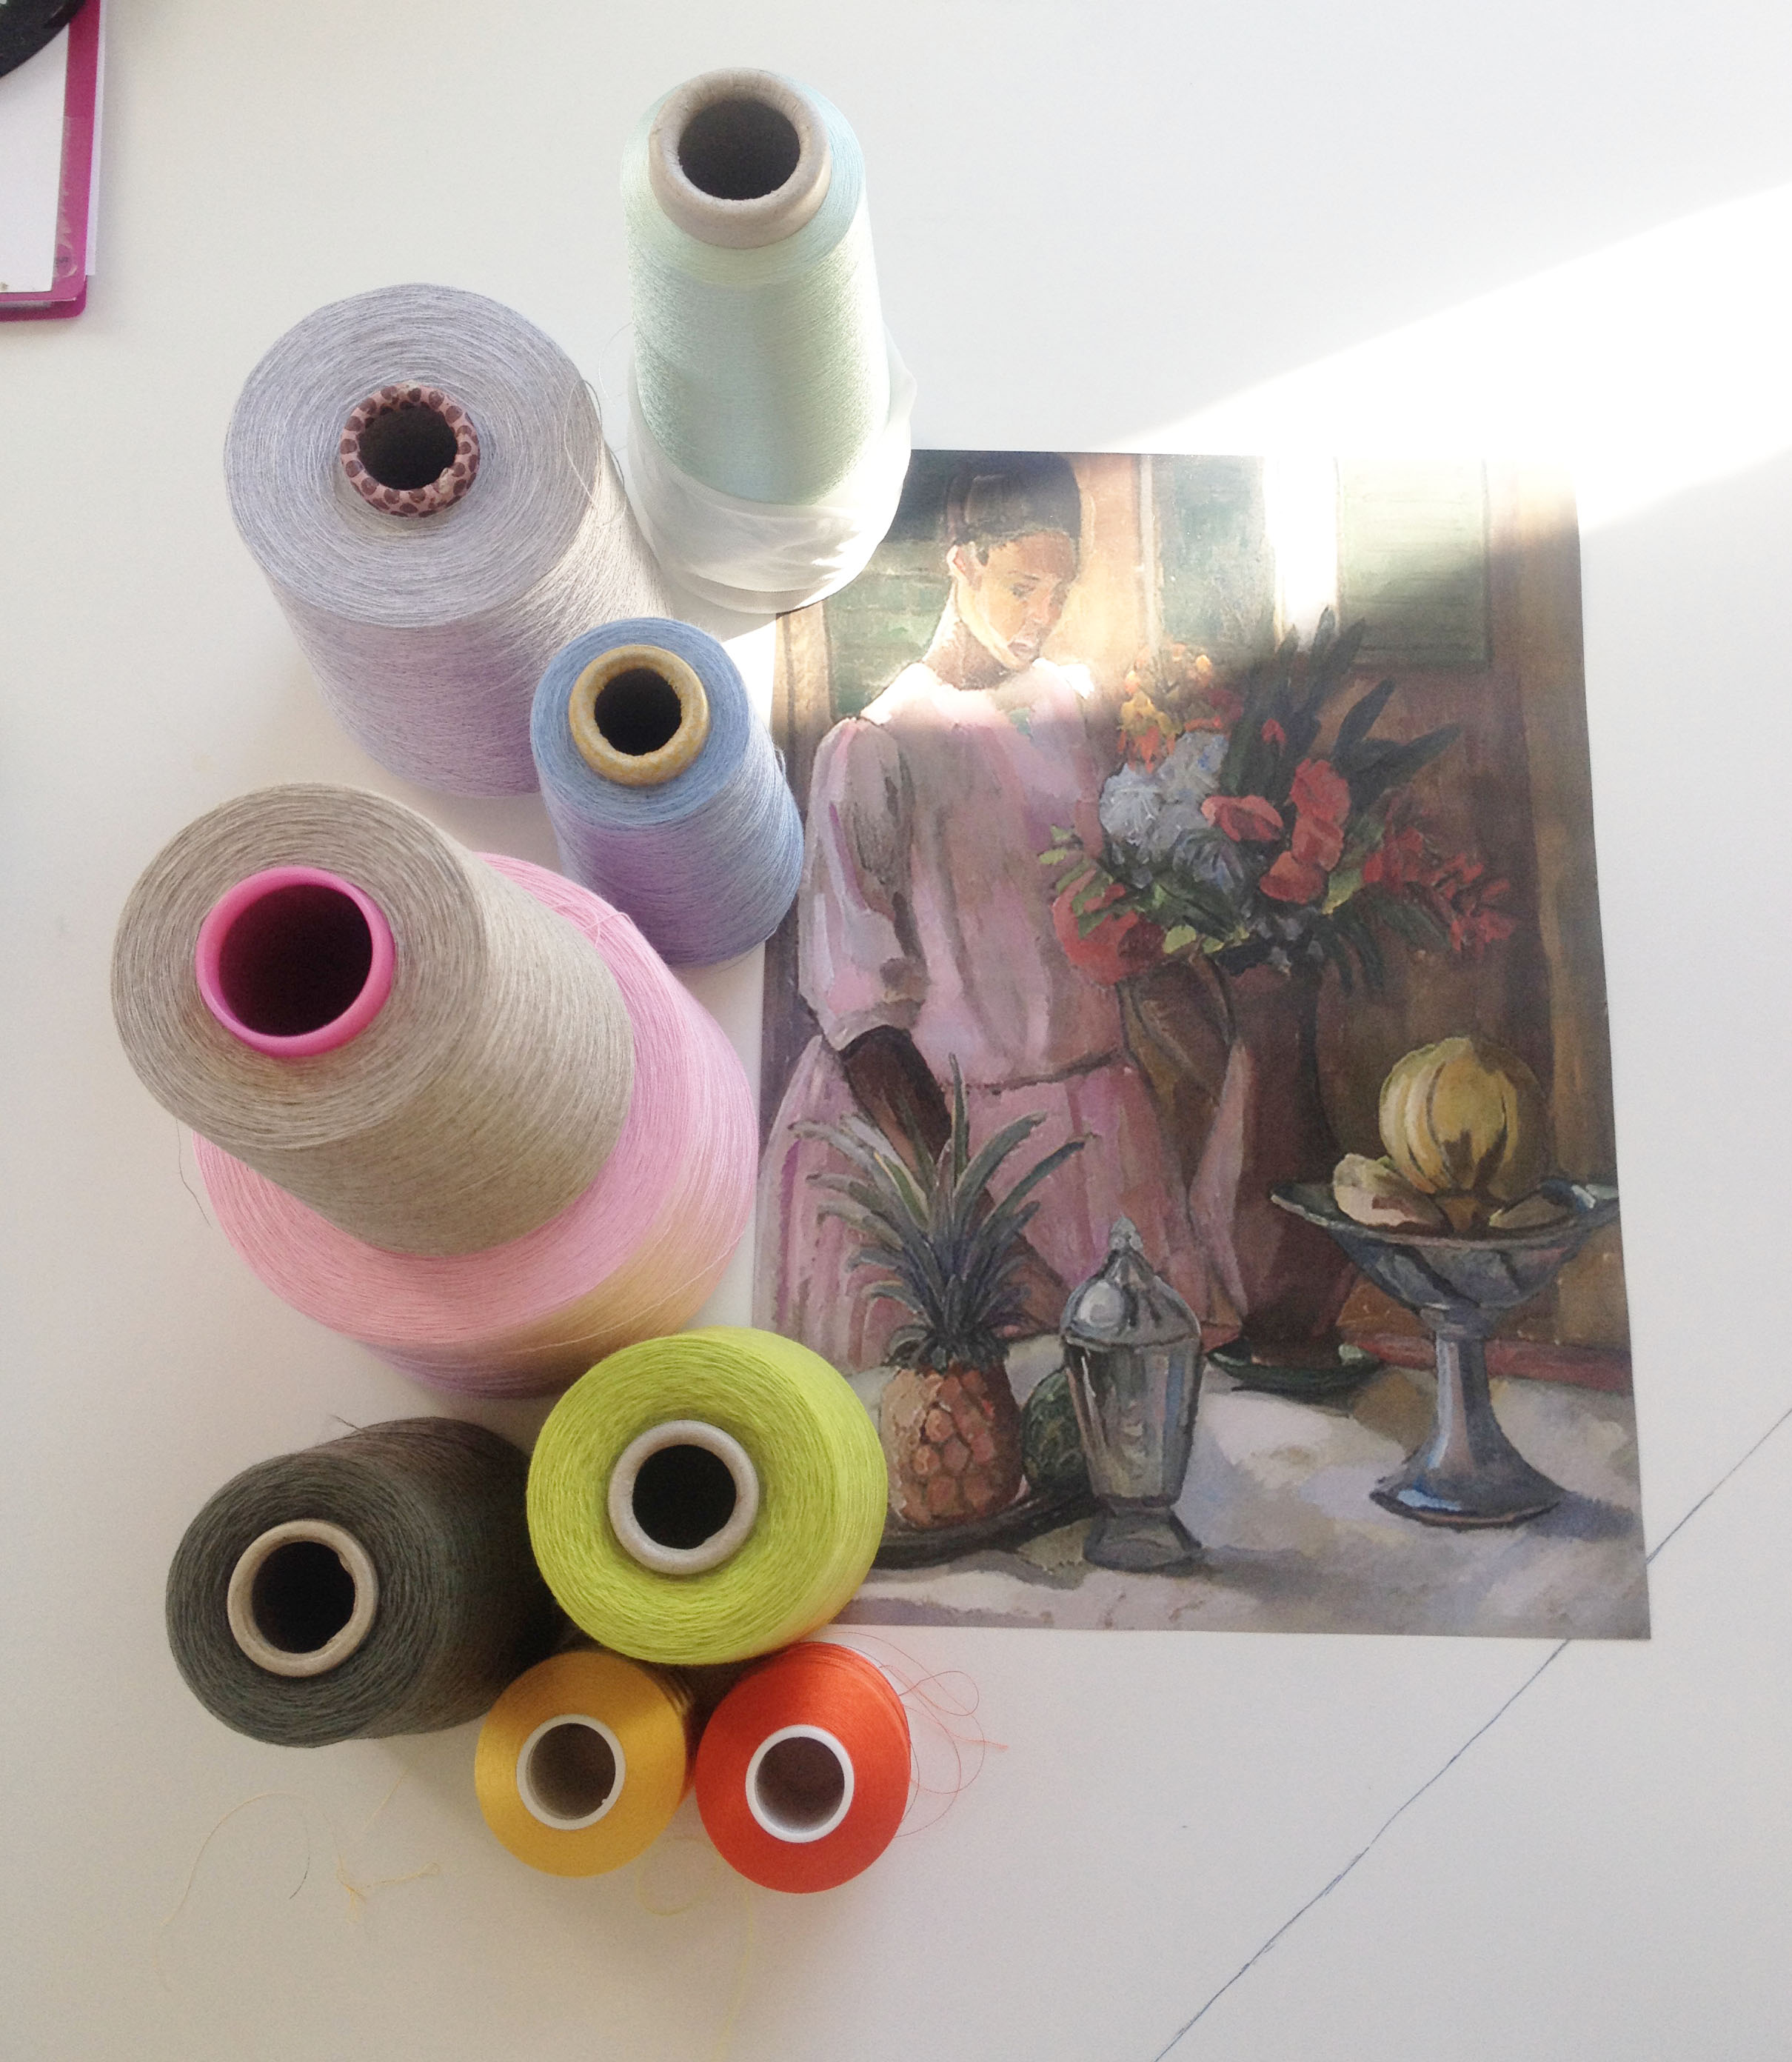 ROSE springer ud i lyset: dette er de valgte farver jeg kommer til at arbejde med.jpg